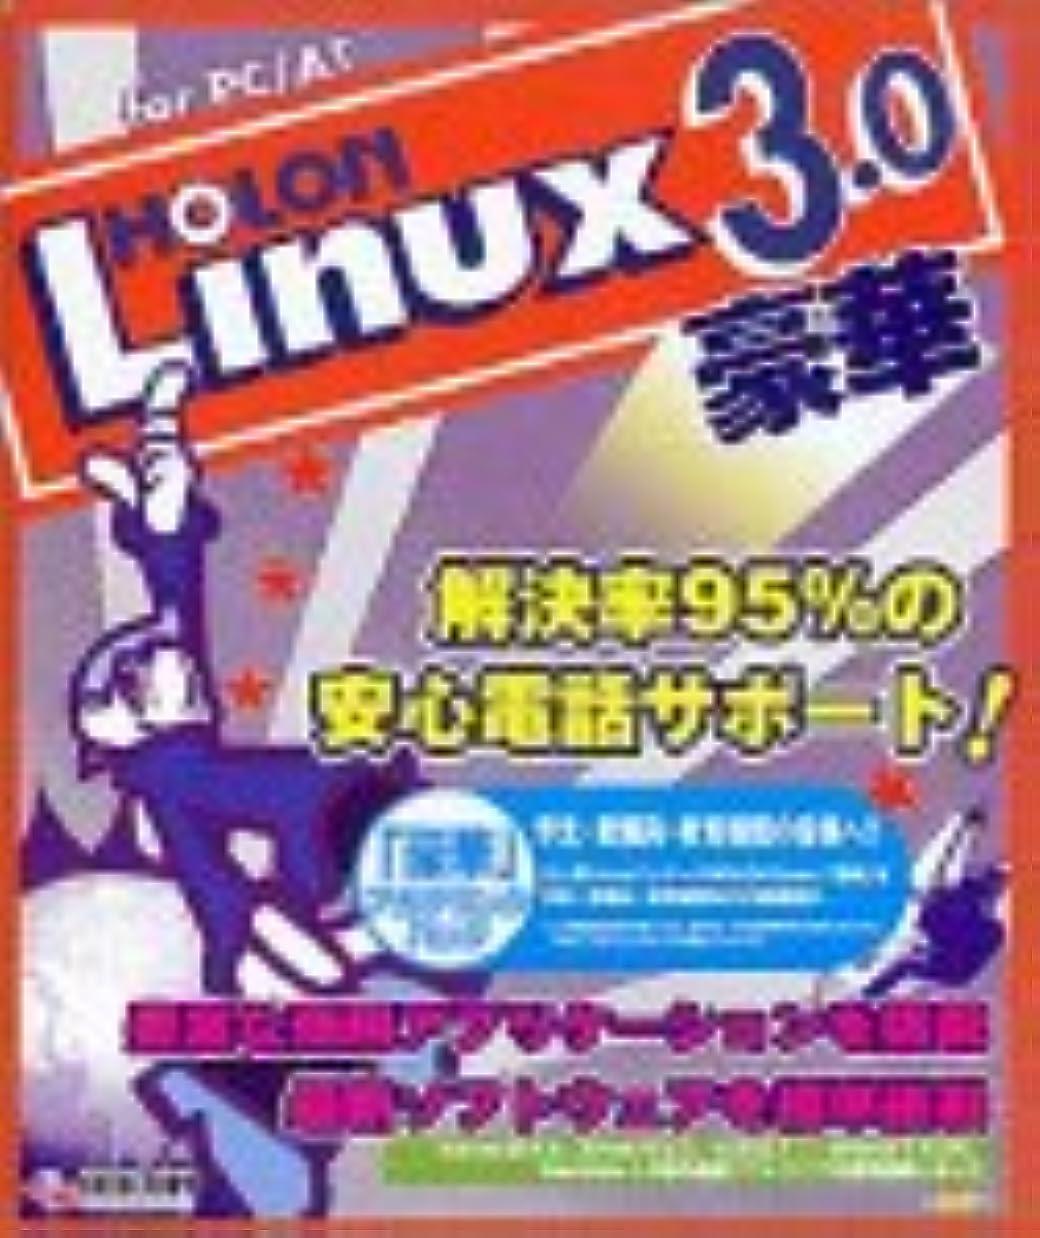 補助コロニアル訪問HOLON Linux 3.0 for PC/AT 豪華 アカデミックパック